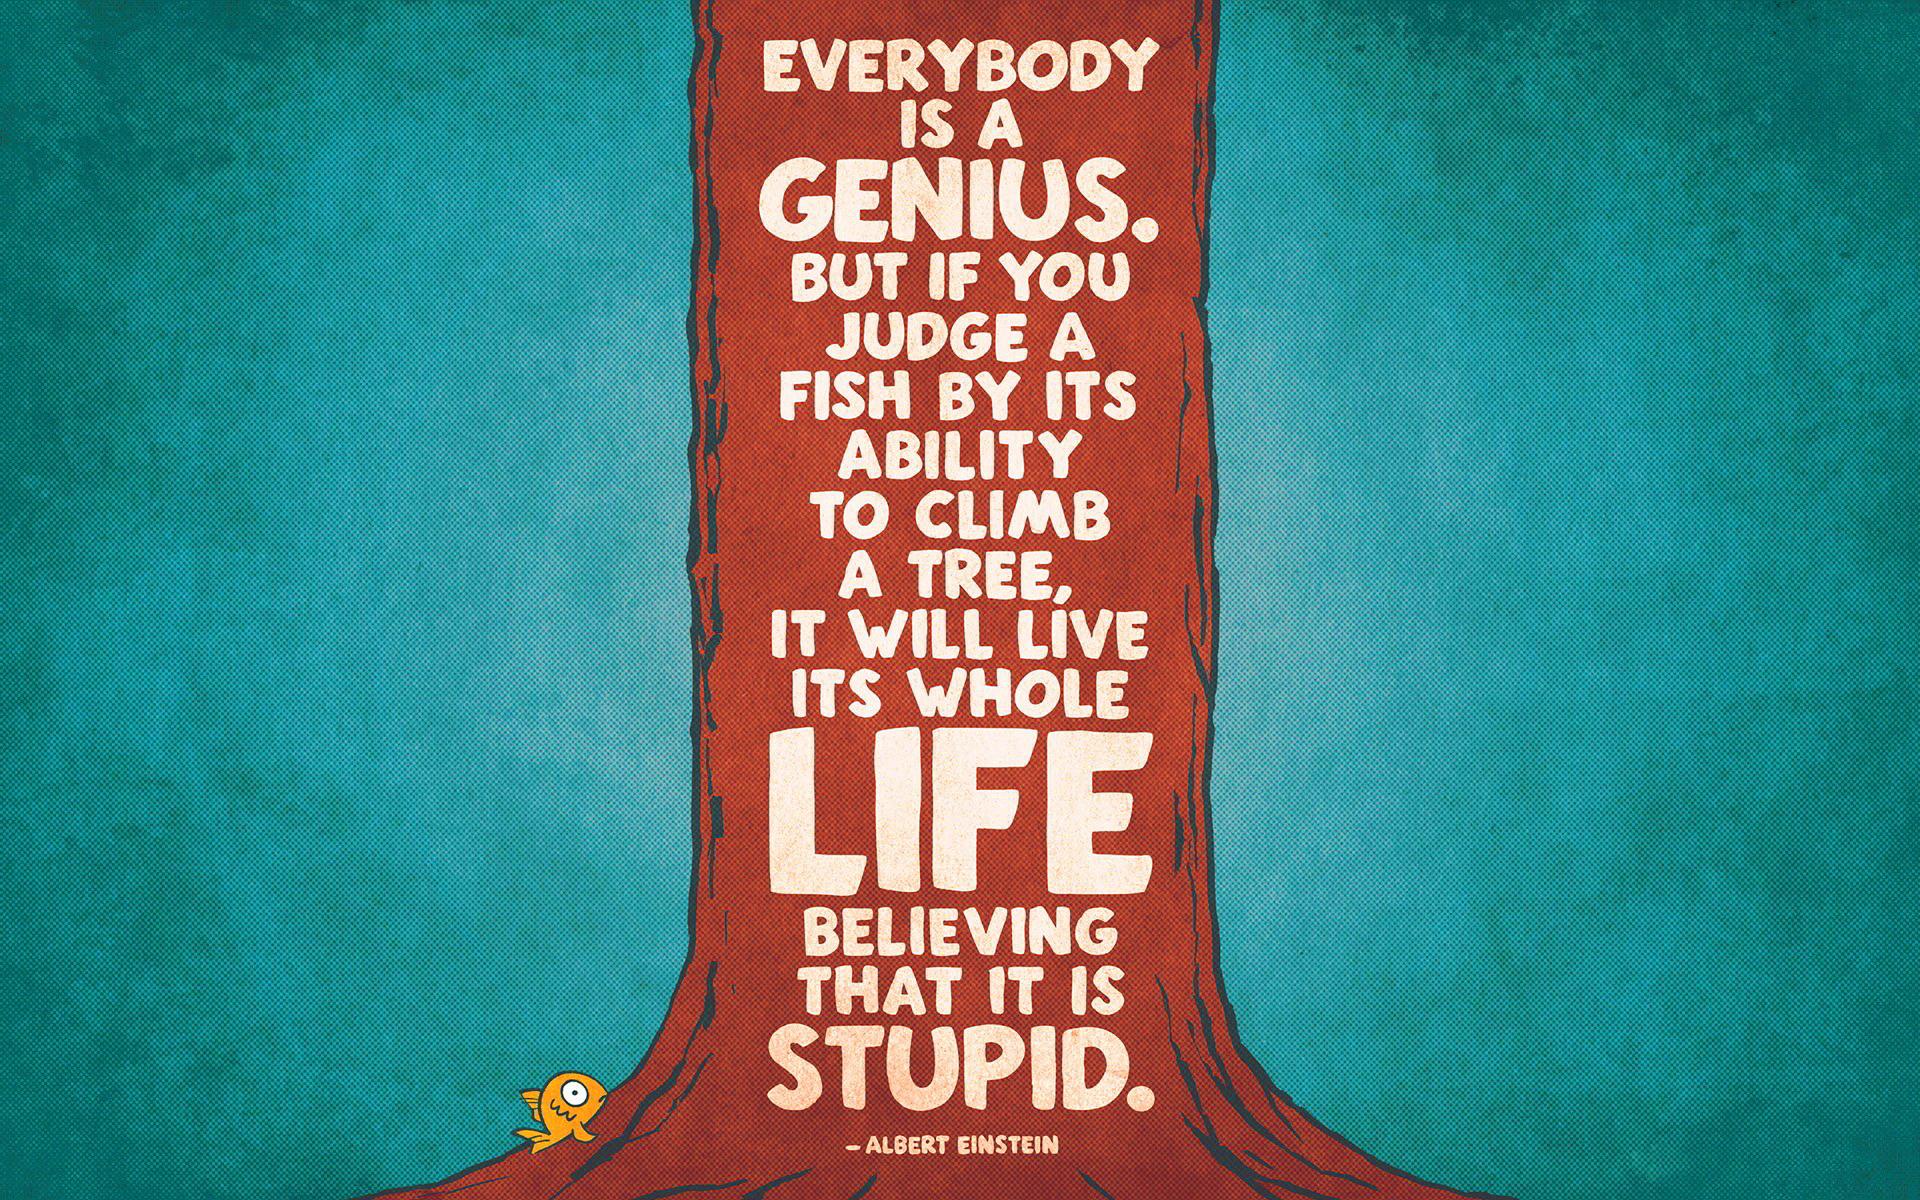 Genius albert einstein quote